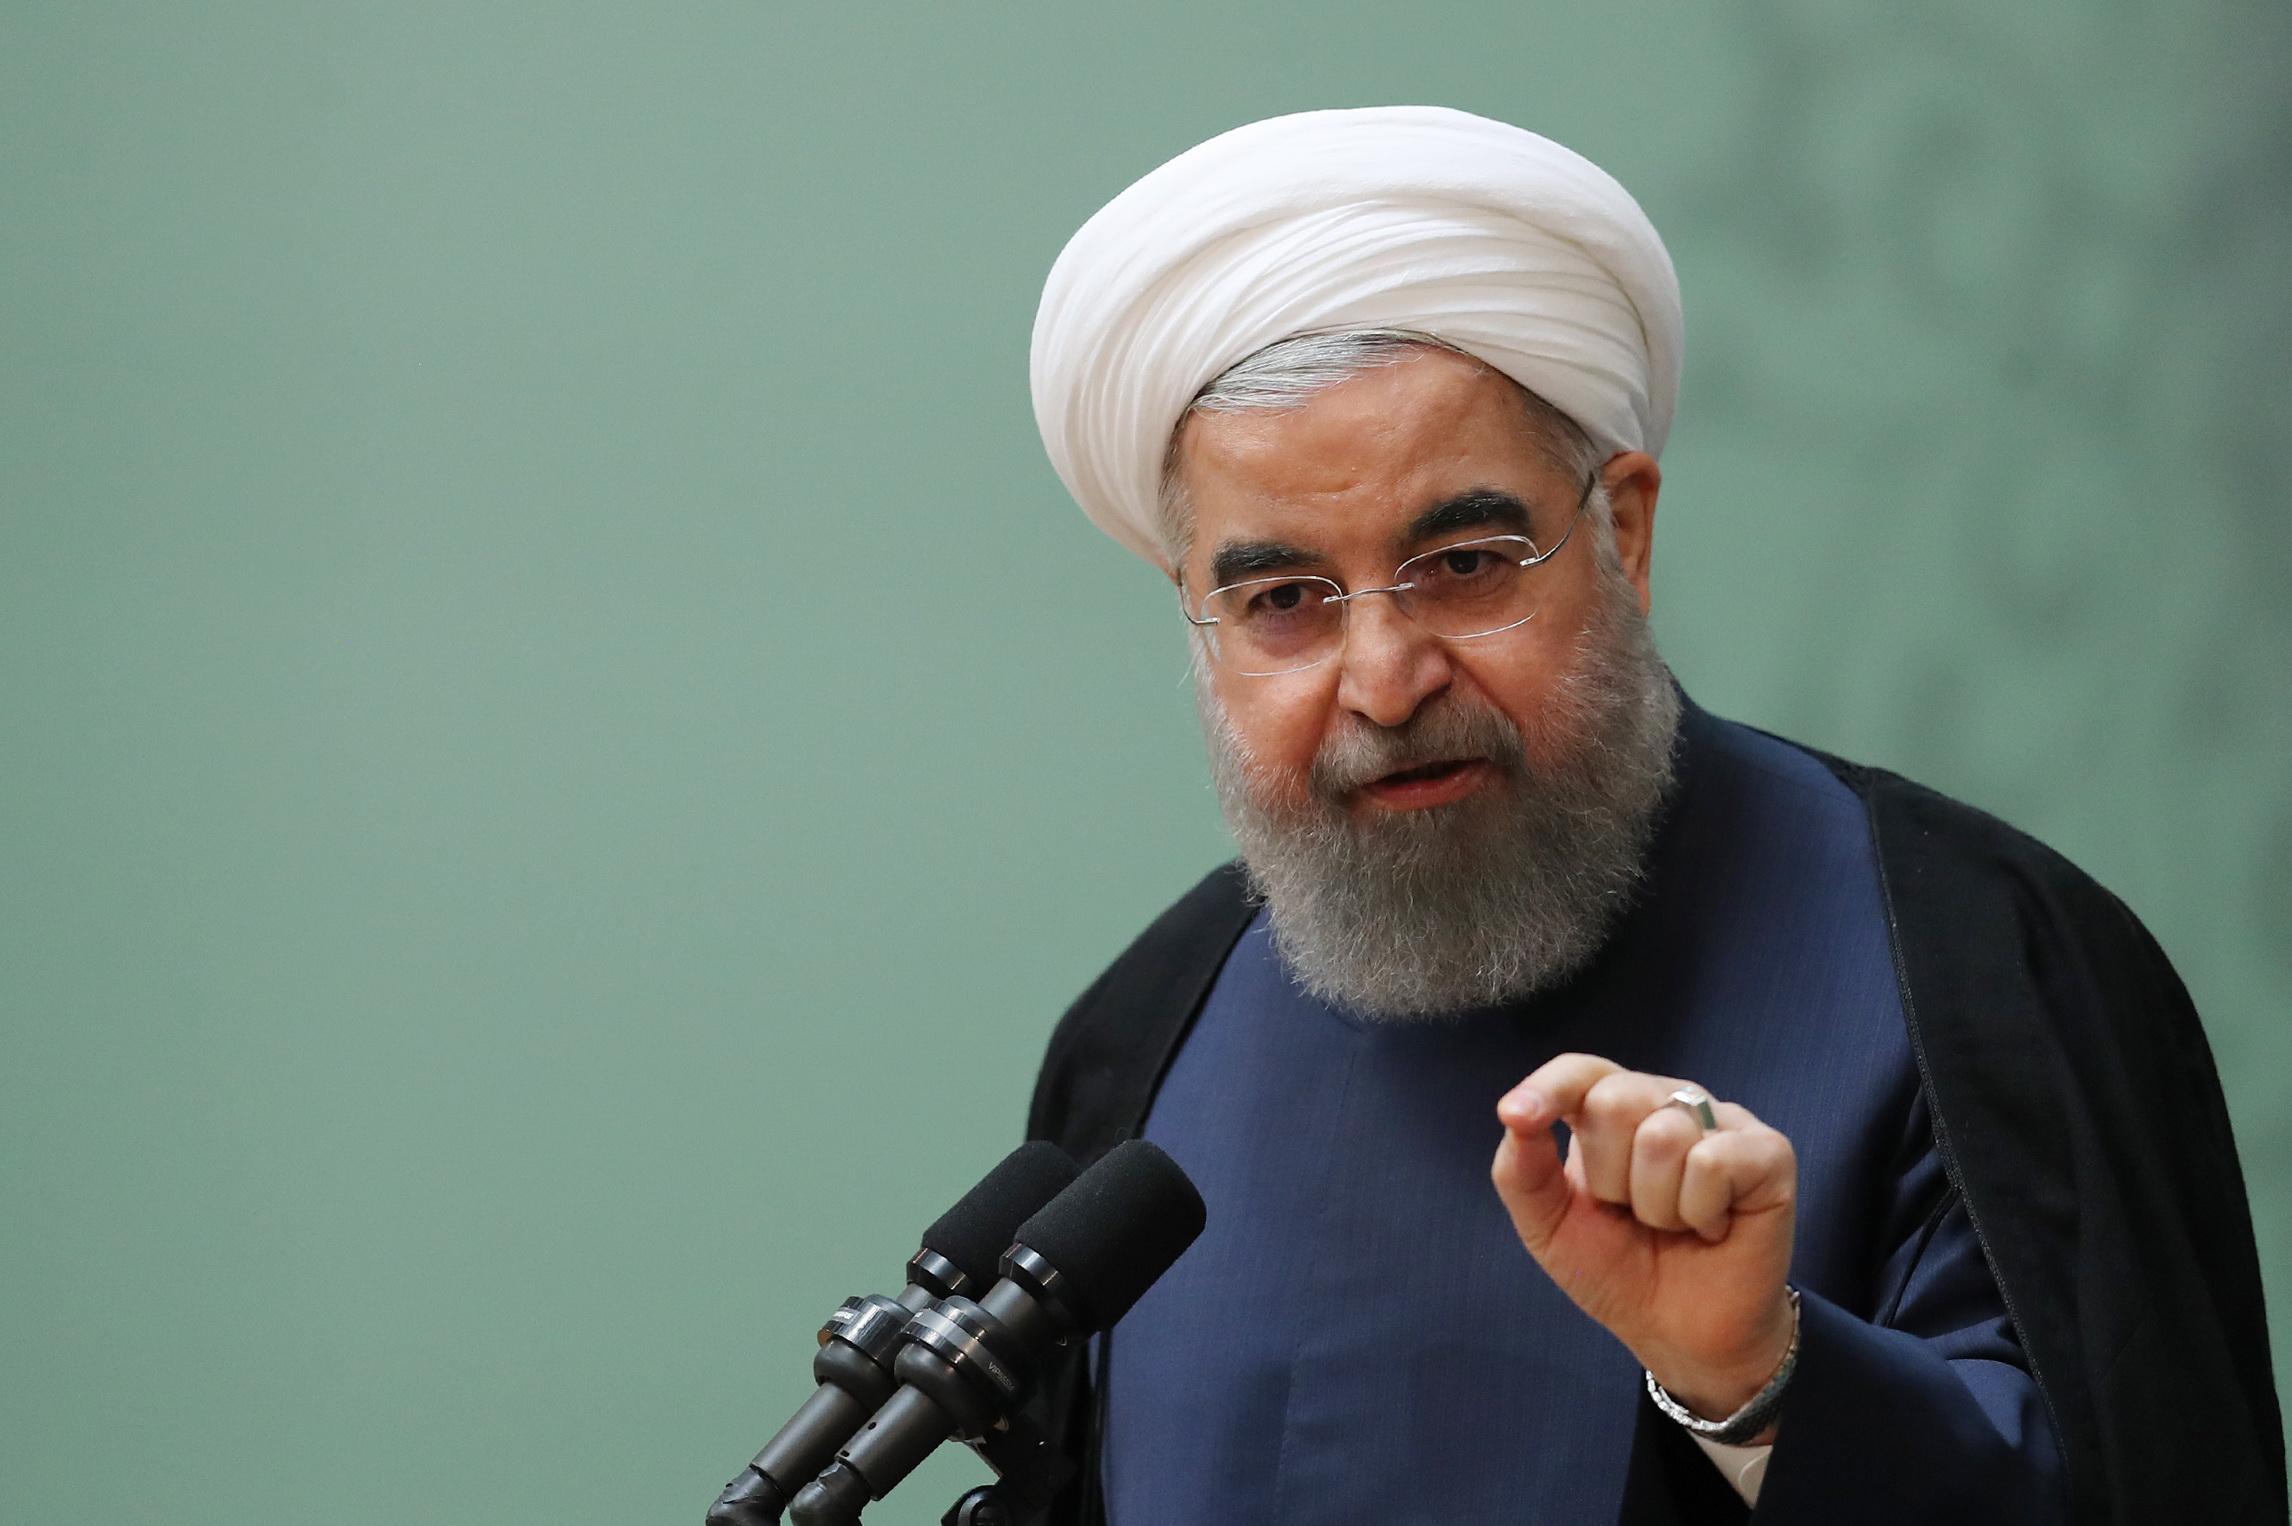 روحانی در اختتامیه نهمین جشنواره بین المللی فارابی: آثار برجام الی یومالقیامه باقی میماند/ اگر به تعهدات بینالمللی احترام نگذاریم، باید فاتحه تمدن را بخوانیم